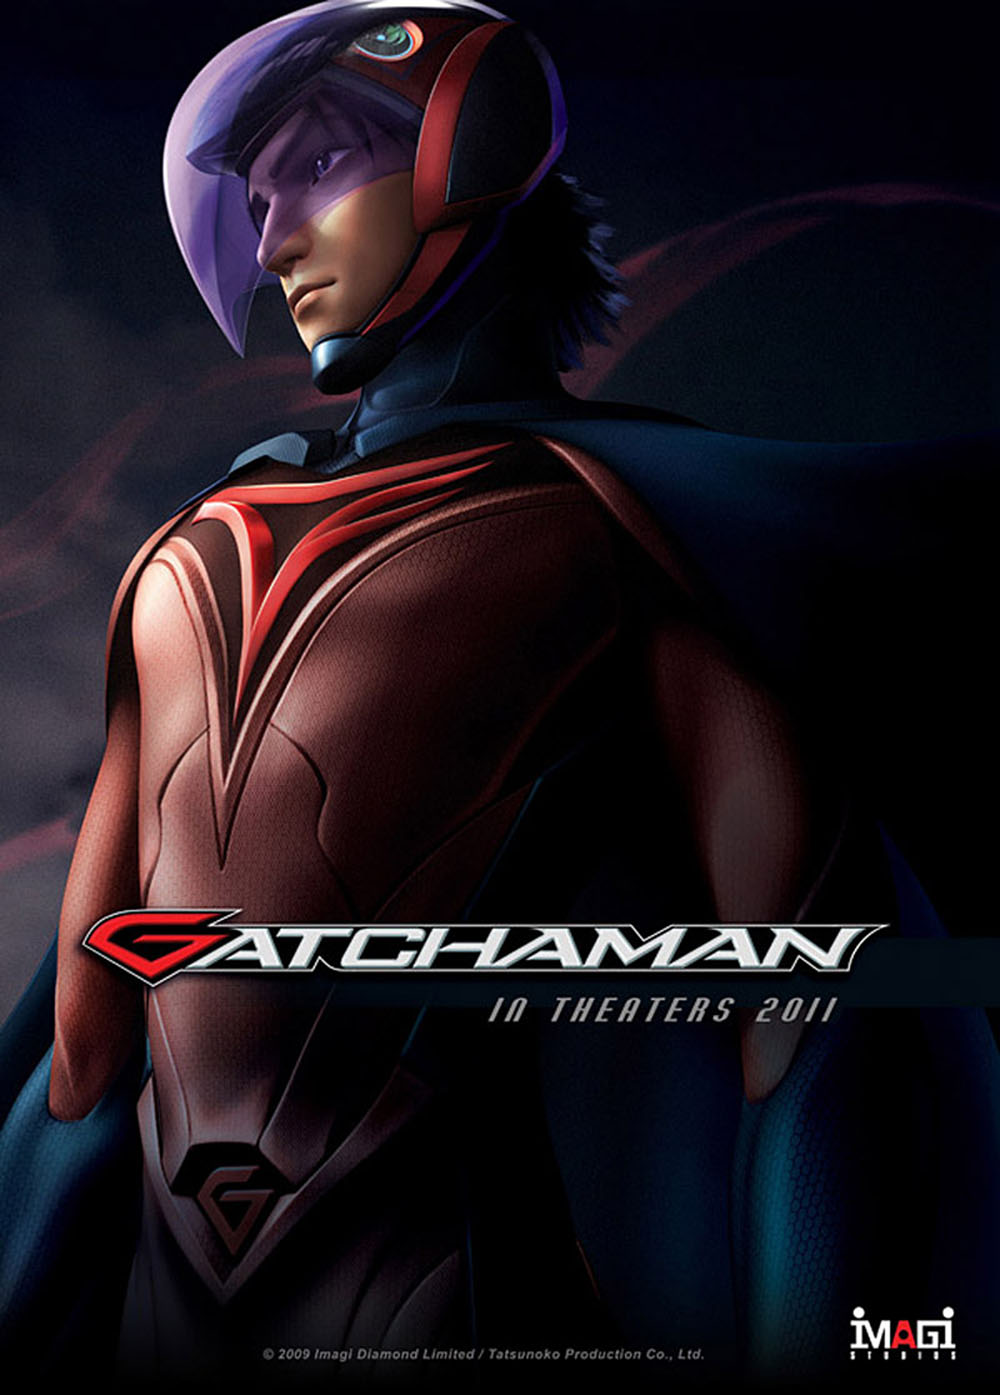 gatchaman_poster.jpg